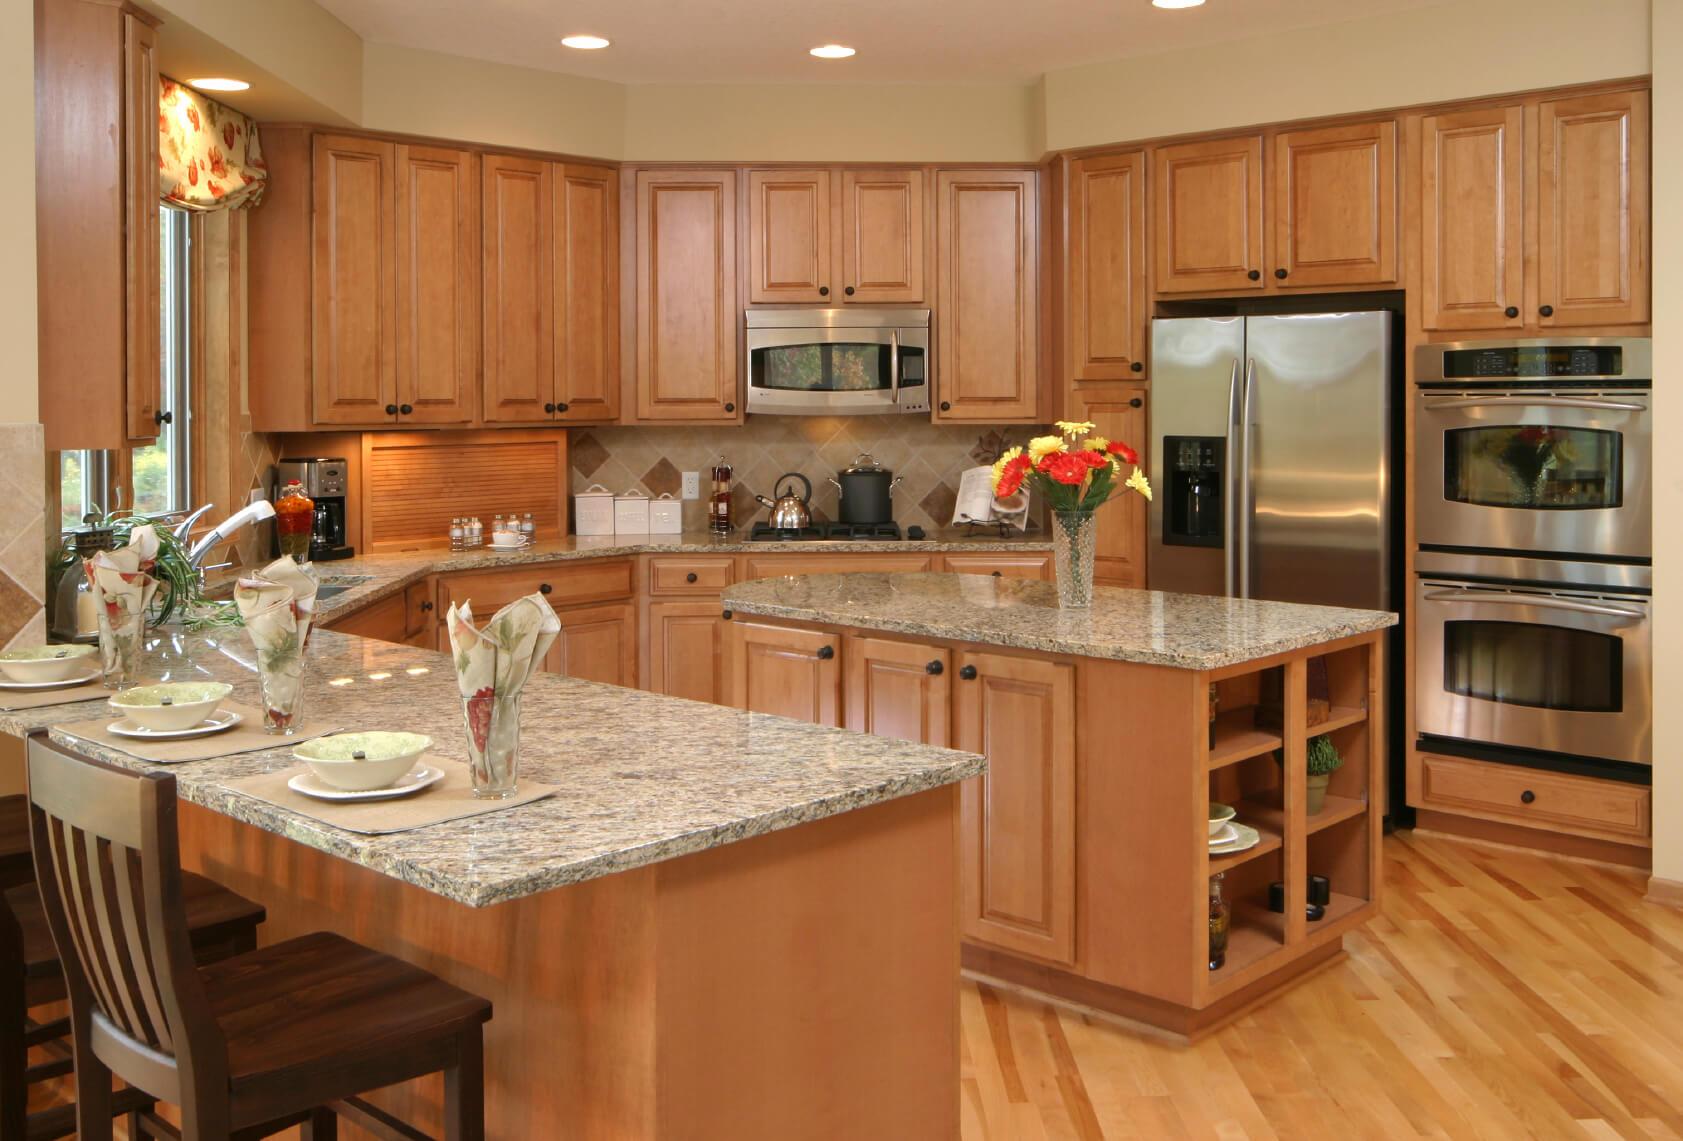 u shaped kitchen appliance layout photo - 9